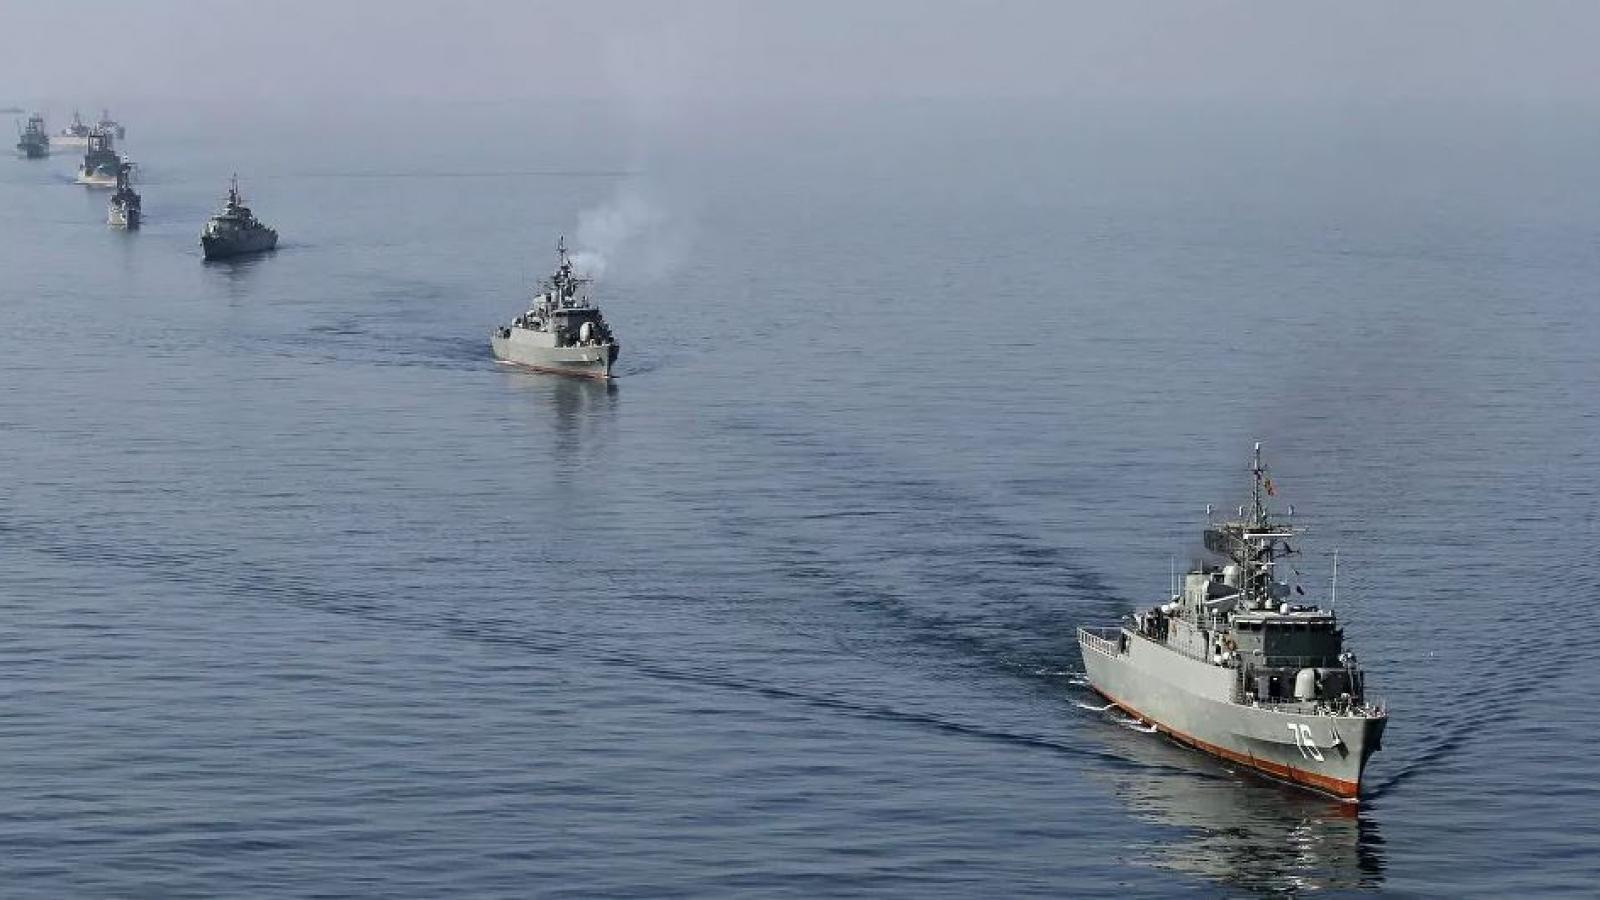 Phản ứng của Iran sau khi bị Israel cáo buộc tấn công tàu trên Vịnh Oman